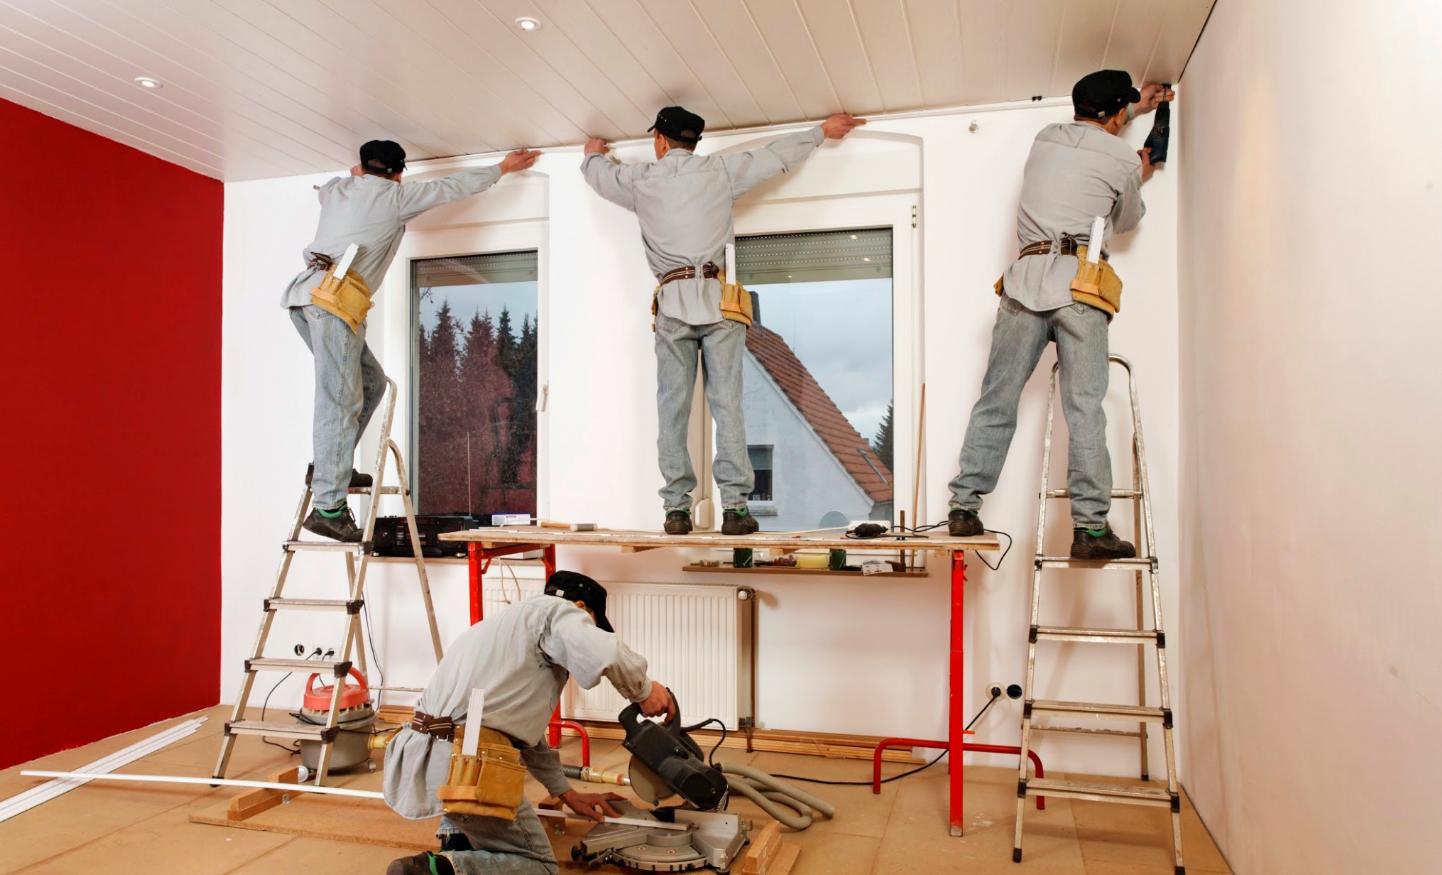 бизнес по ремонту и отделке помещений